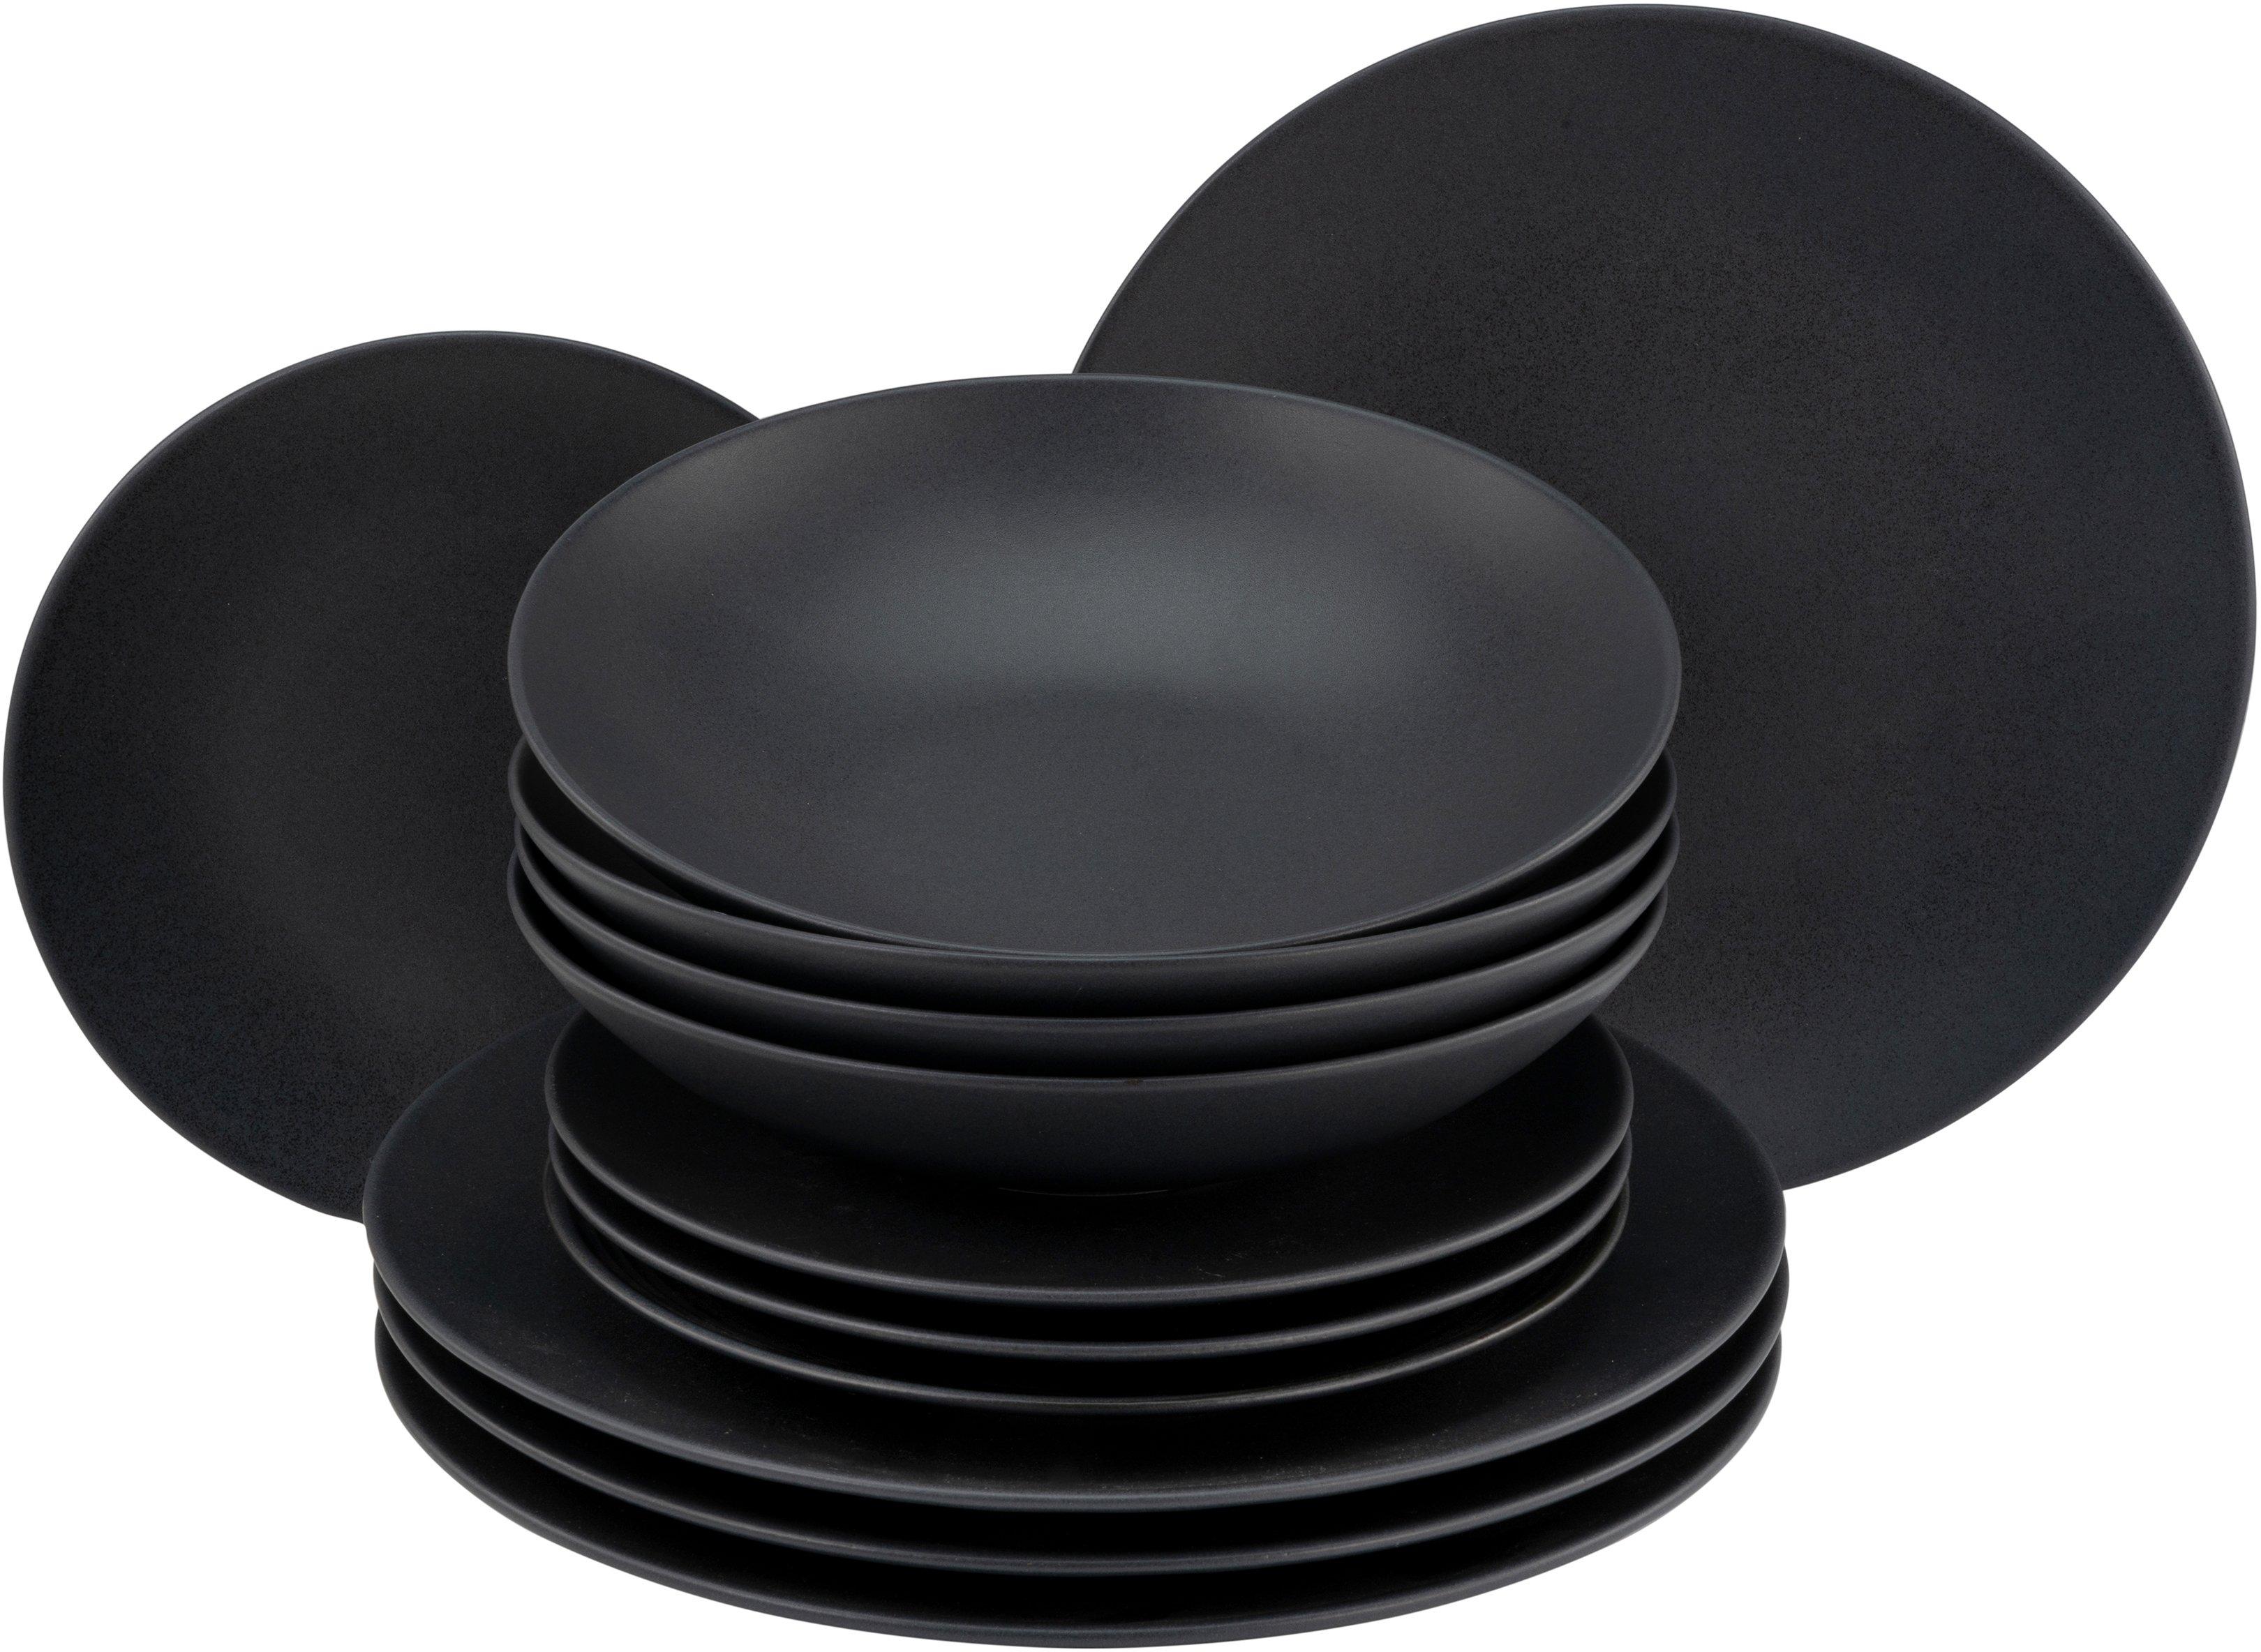 CreaTable eetservies Soft Touch Black halfglans glazuur (set, 12-delig) in de webshop van OTTO kopen